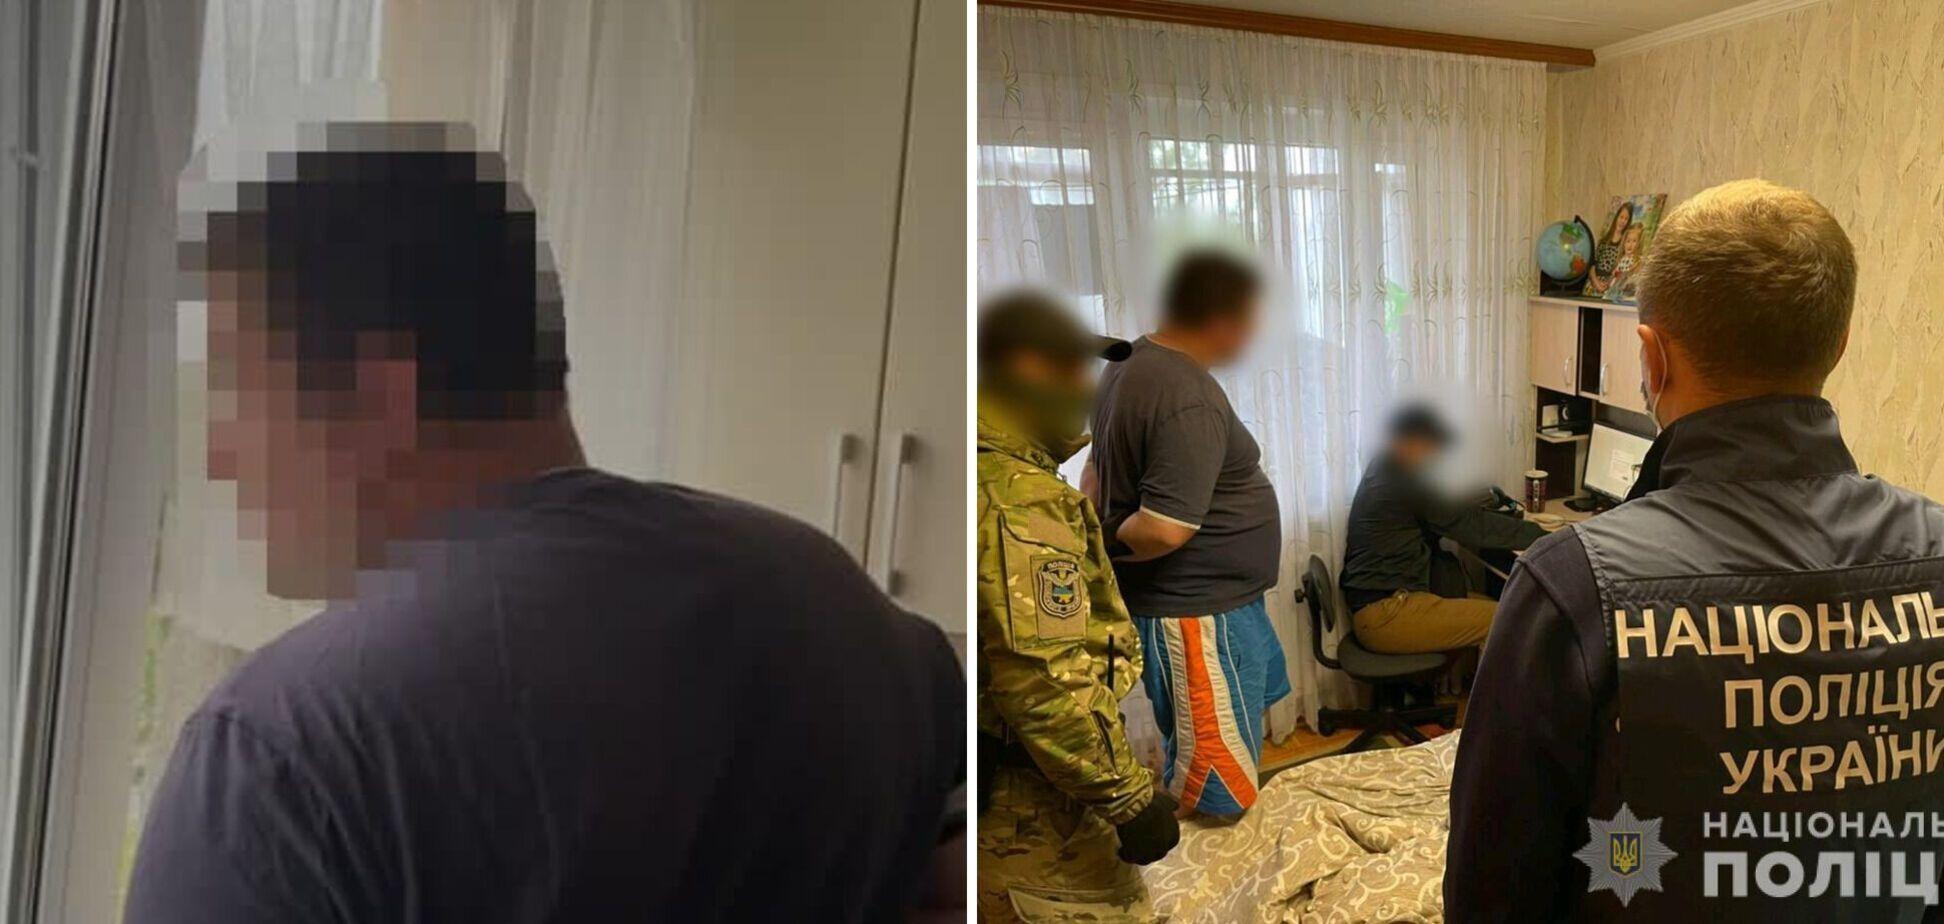 У Києві чоловік схиляв дітей до відвертих фотосесій і шантажував їх. Фото, відео